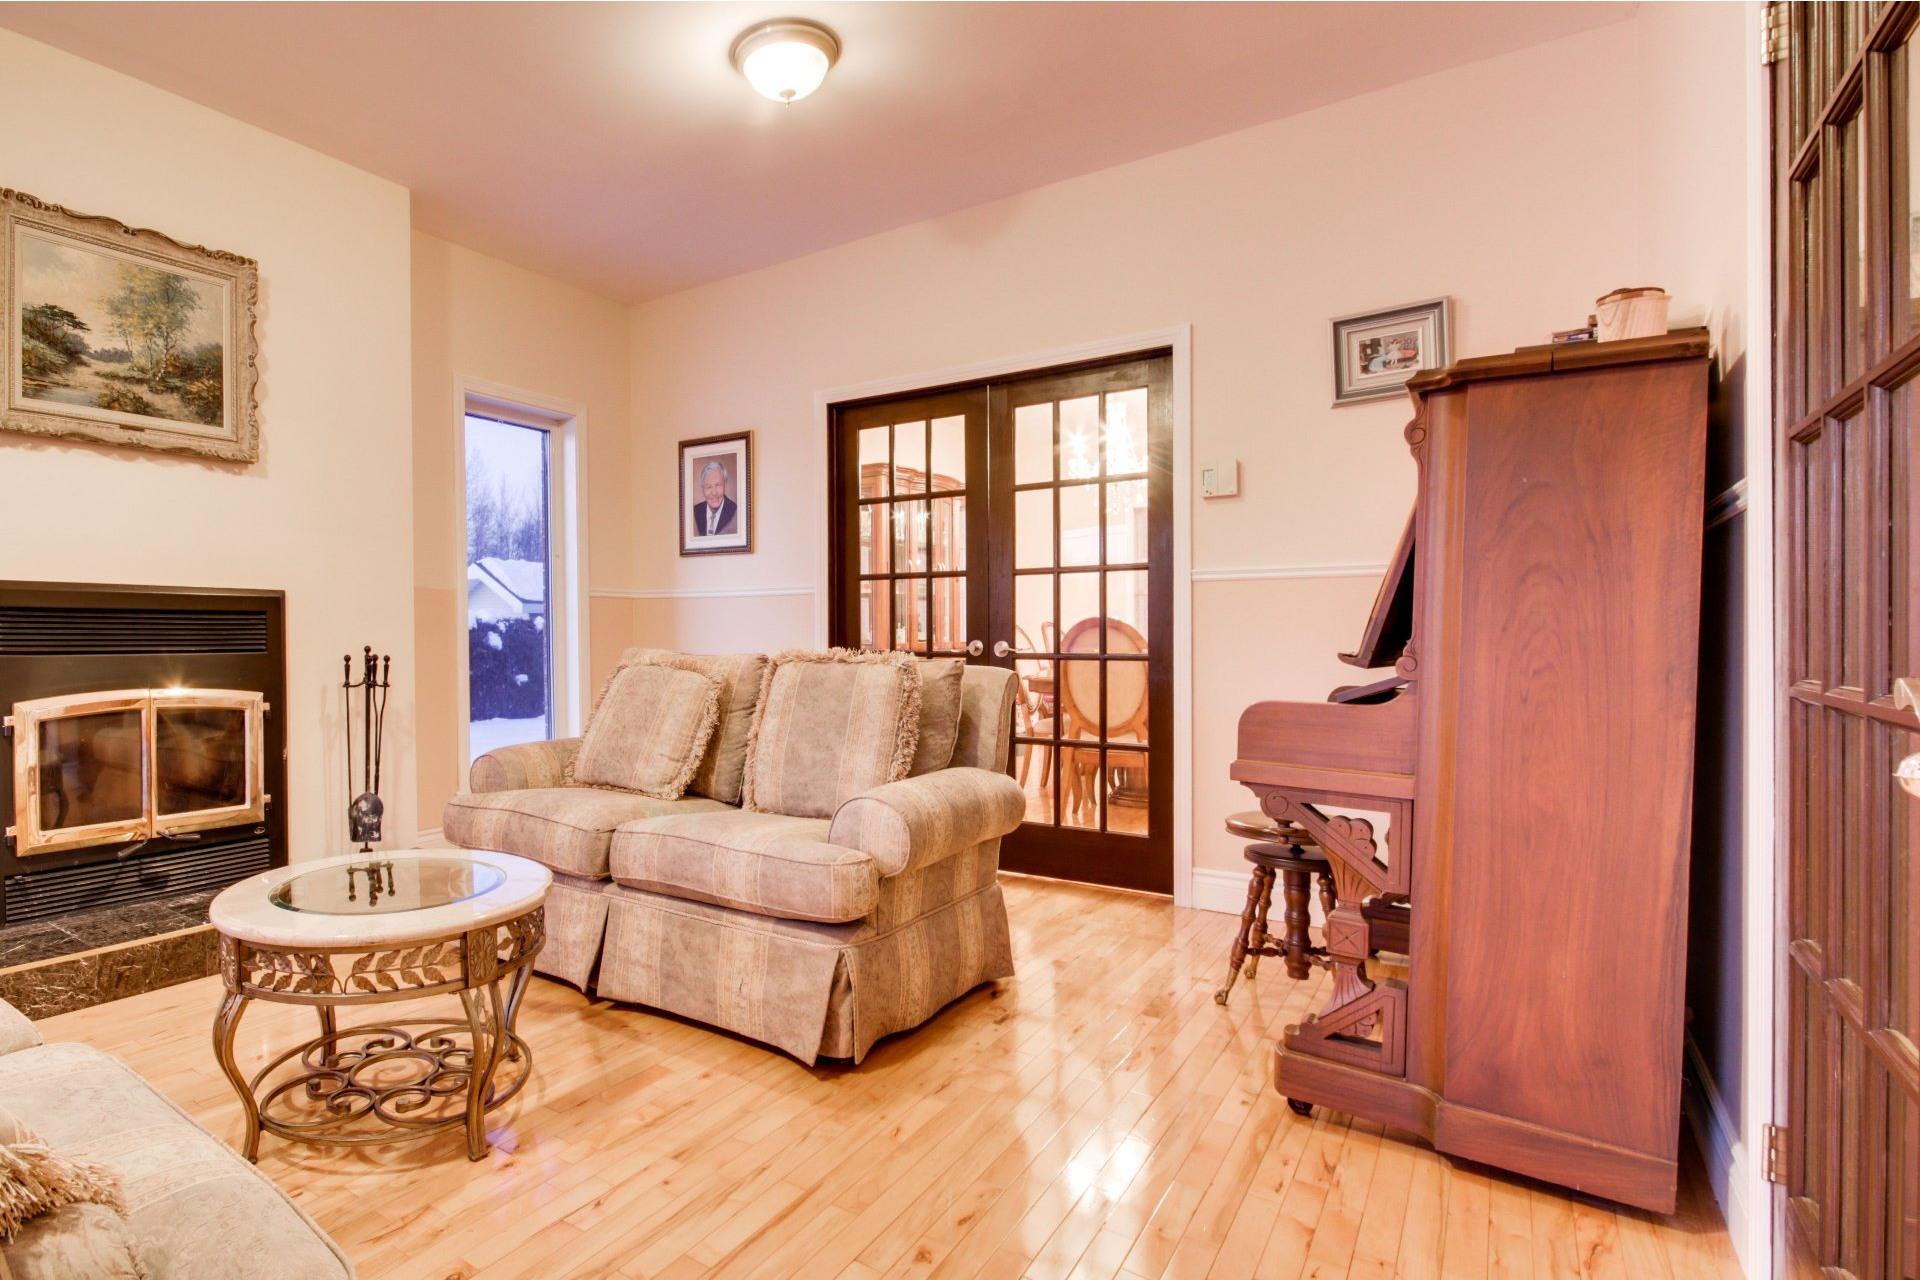 image 4 - House For sale Trois-Rivières